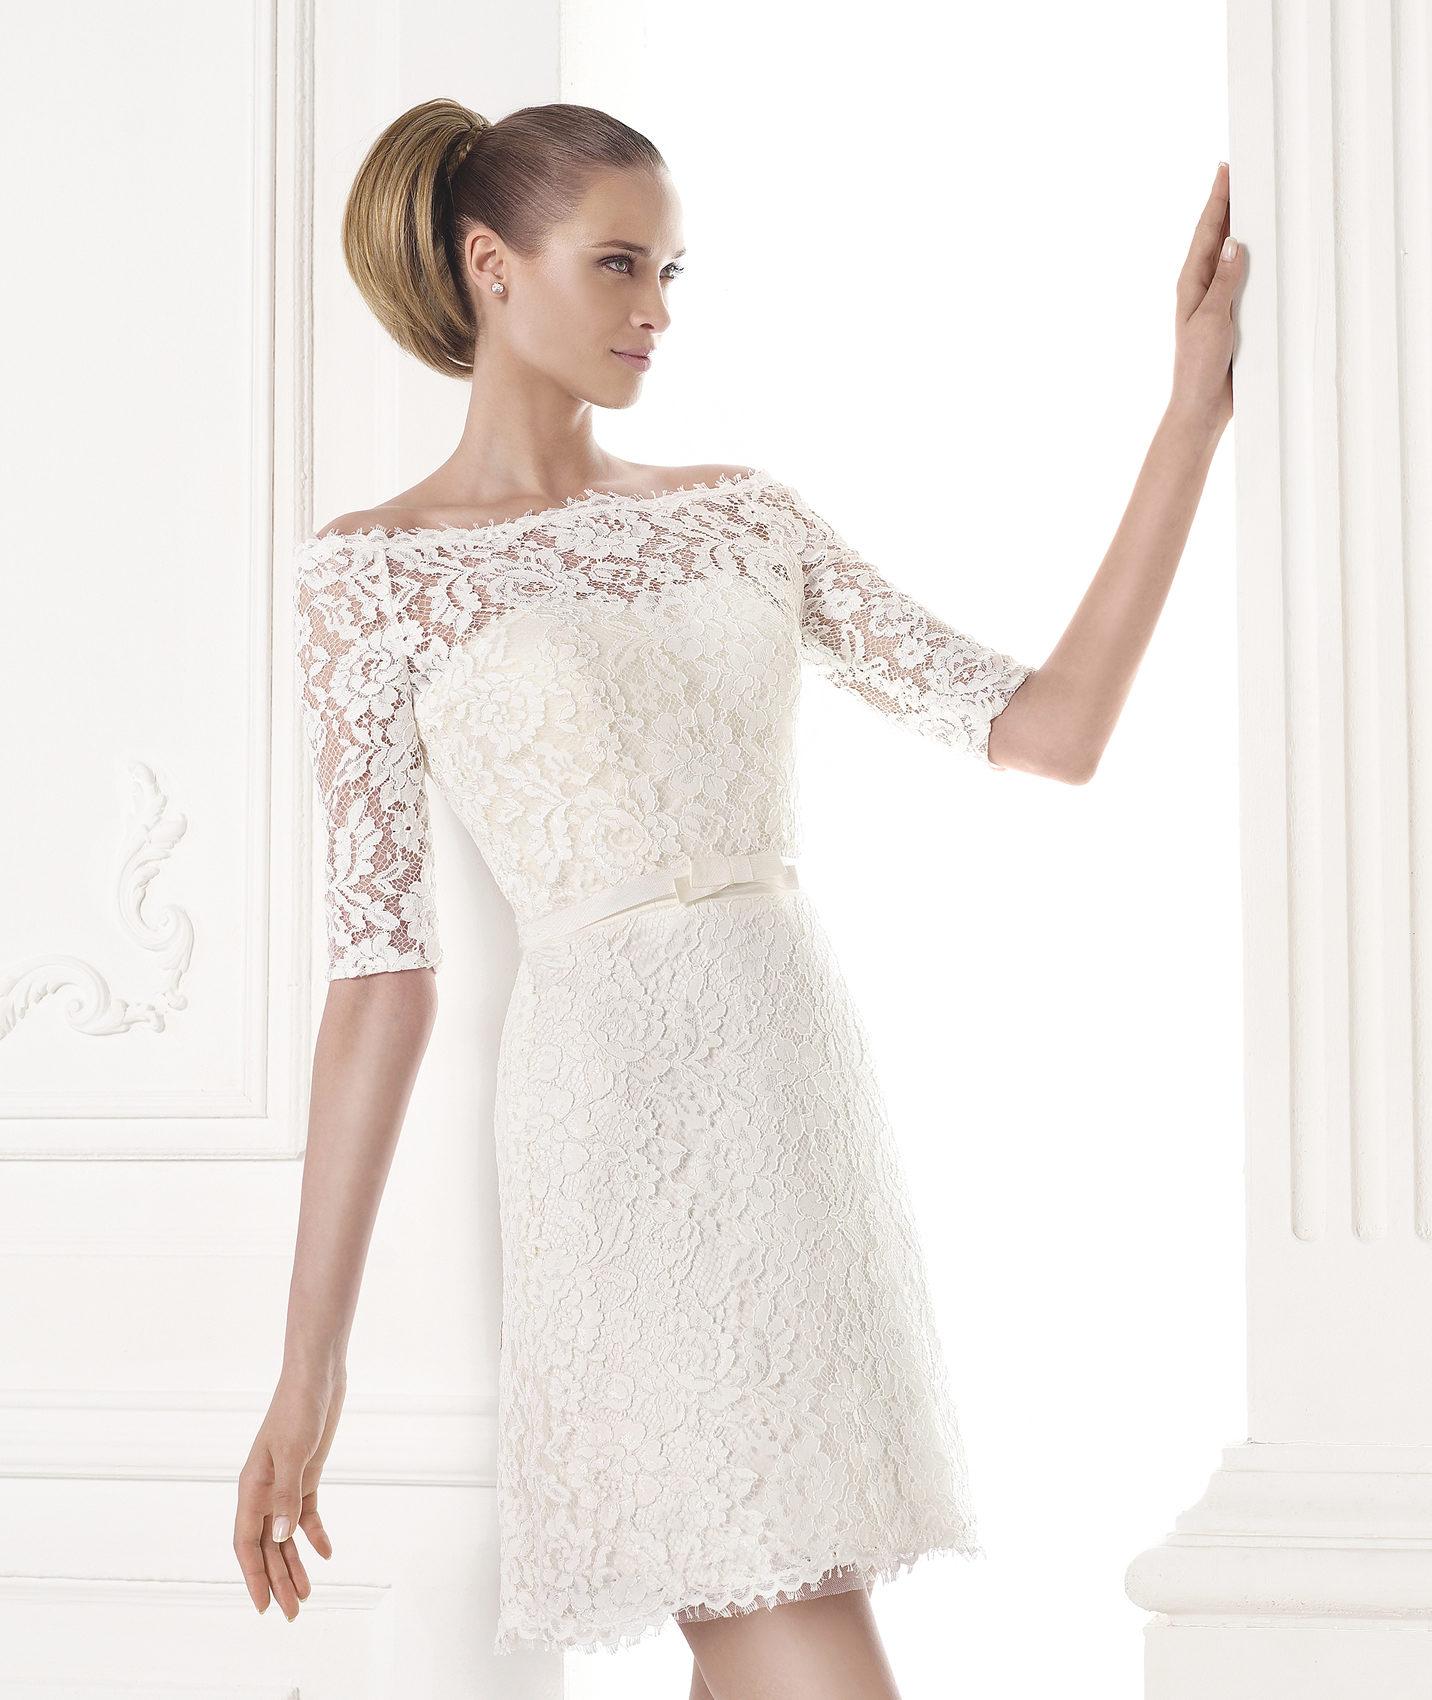 291e8669949d6 Vestidos de novia cortos 2016 - esBelleza.com